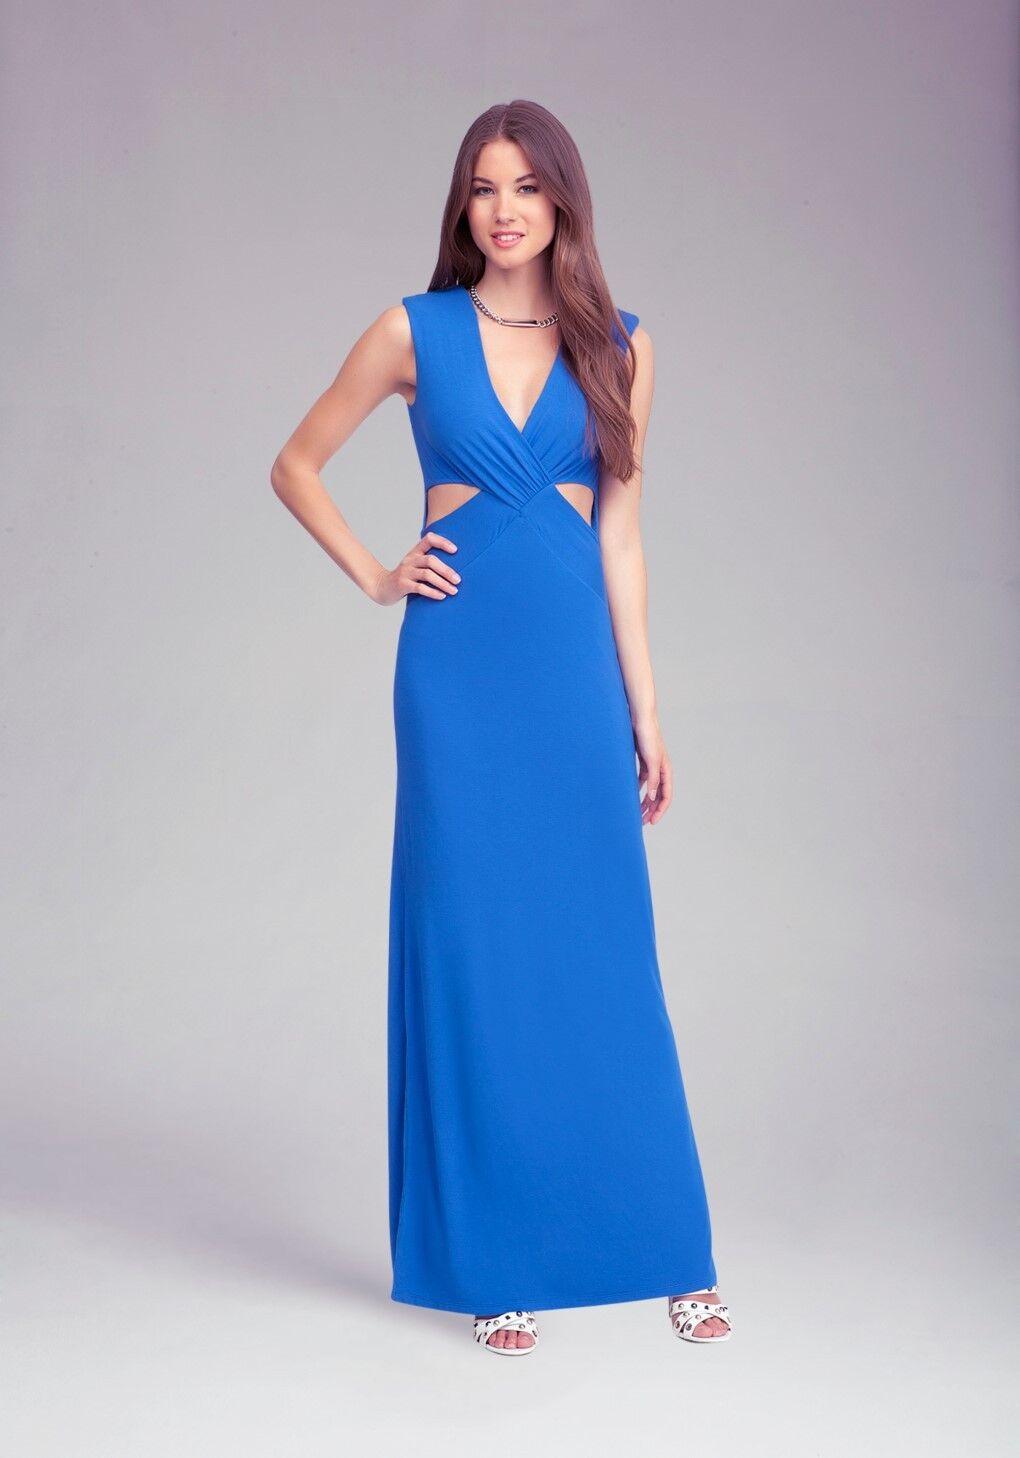 ELEGANT BEBE BRIGHT blueE CUTOUT MAXI MAXI MAXI DRESS   S   9828be